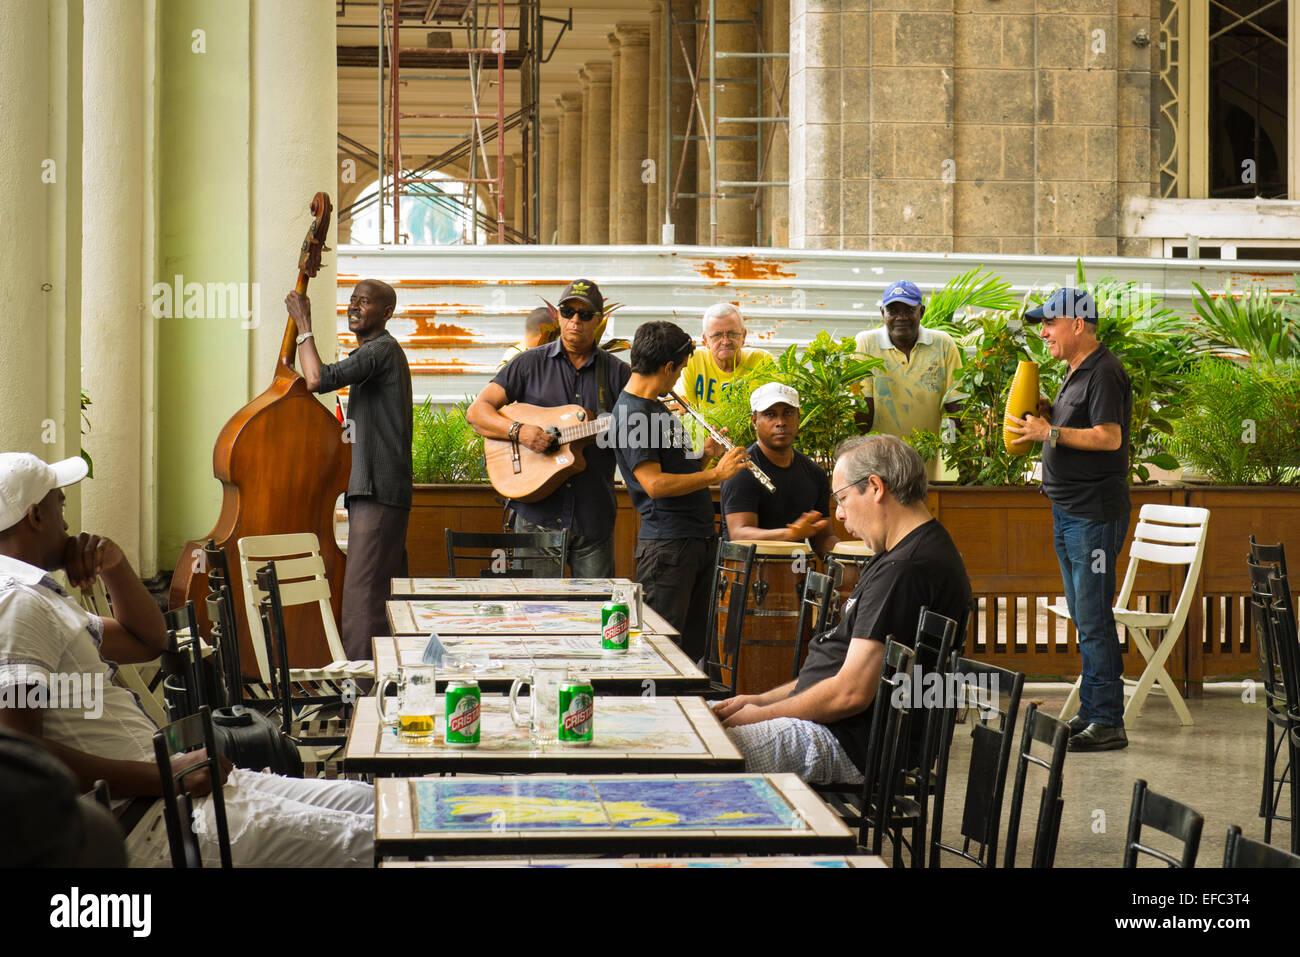 Cuba Havana Centro Habana Central Park Paseo de Marti ( Prado ) Hotel Inglaterra Son band group on terrace bar cafeteria - Stock Image